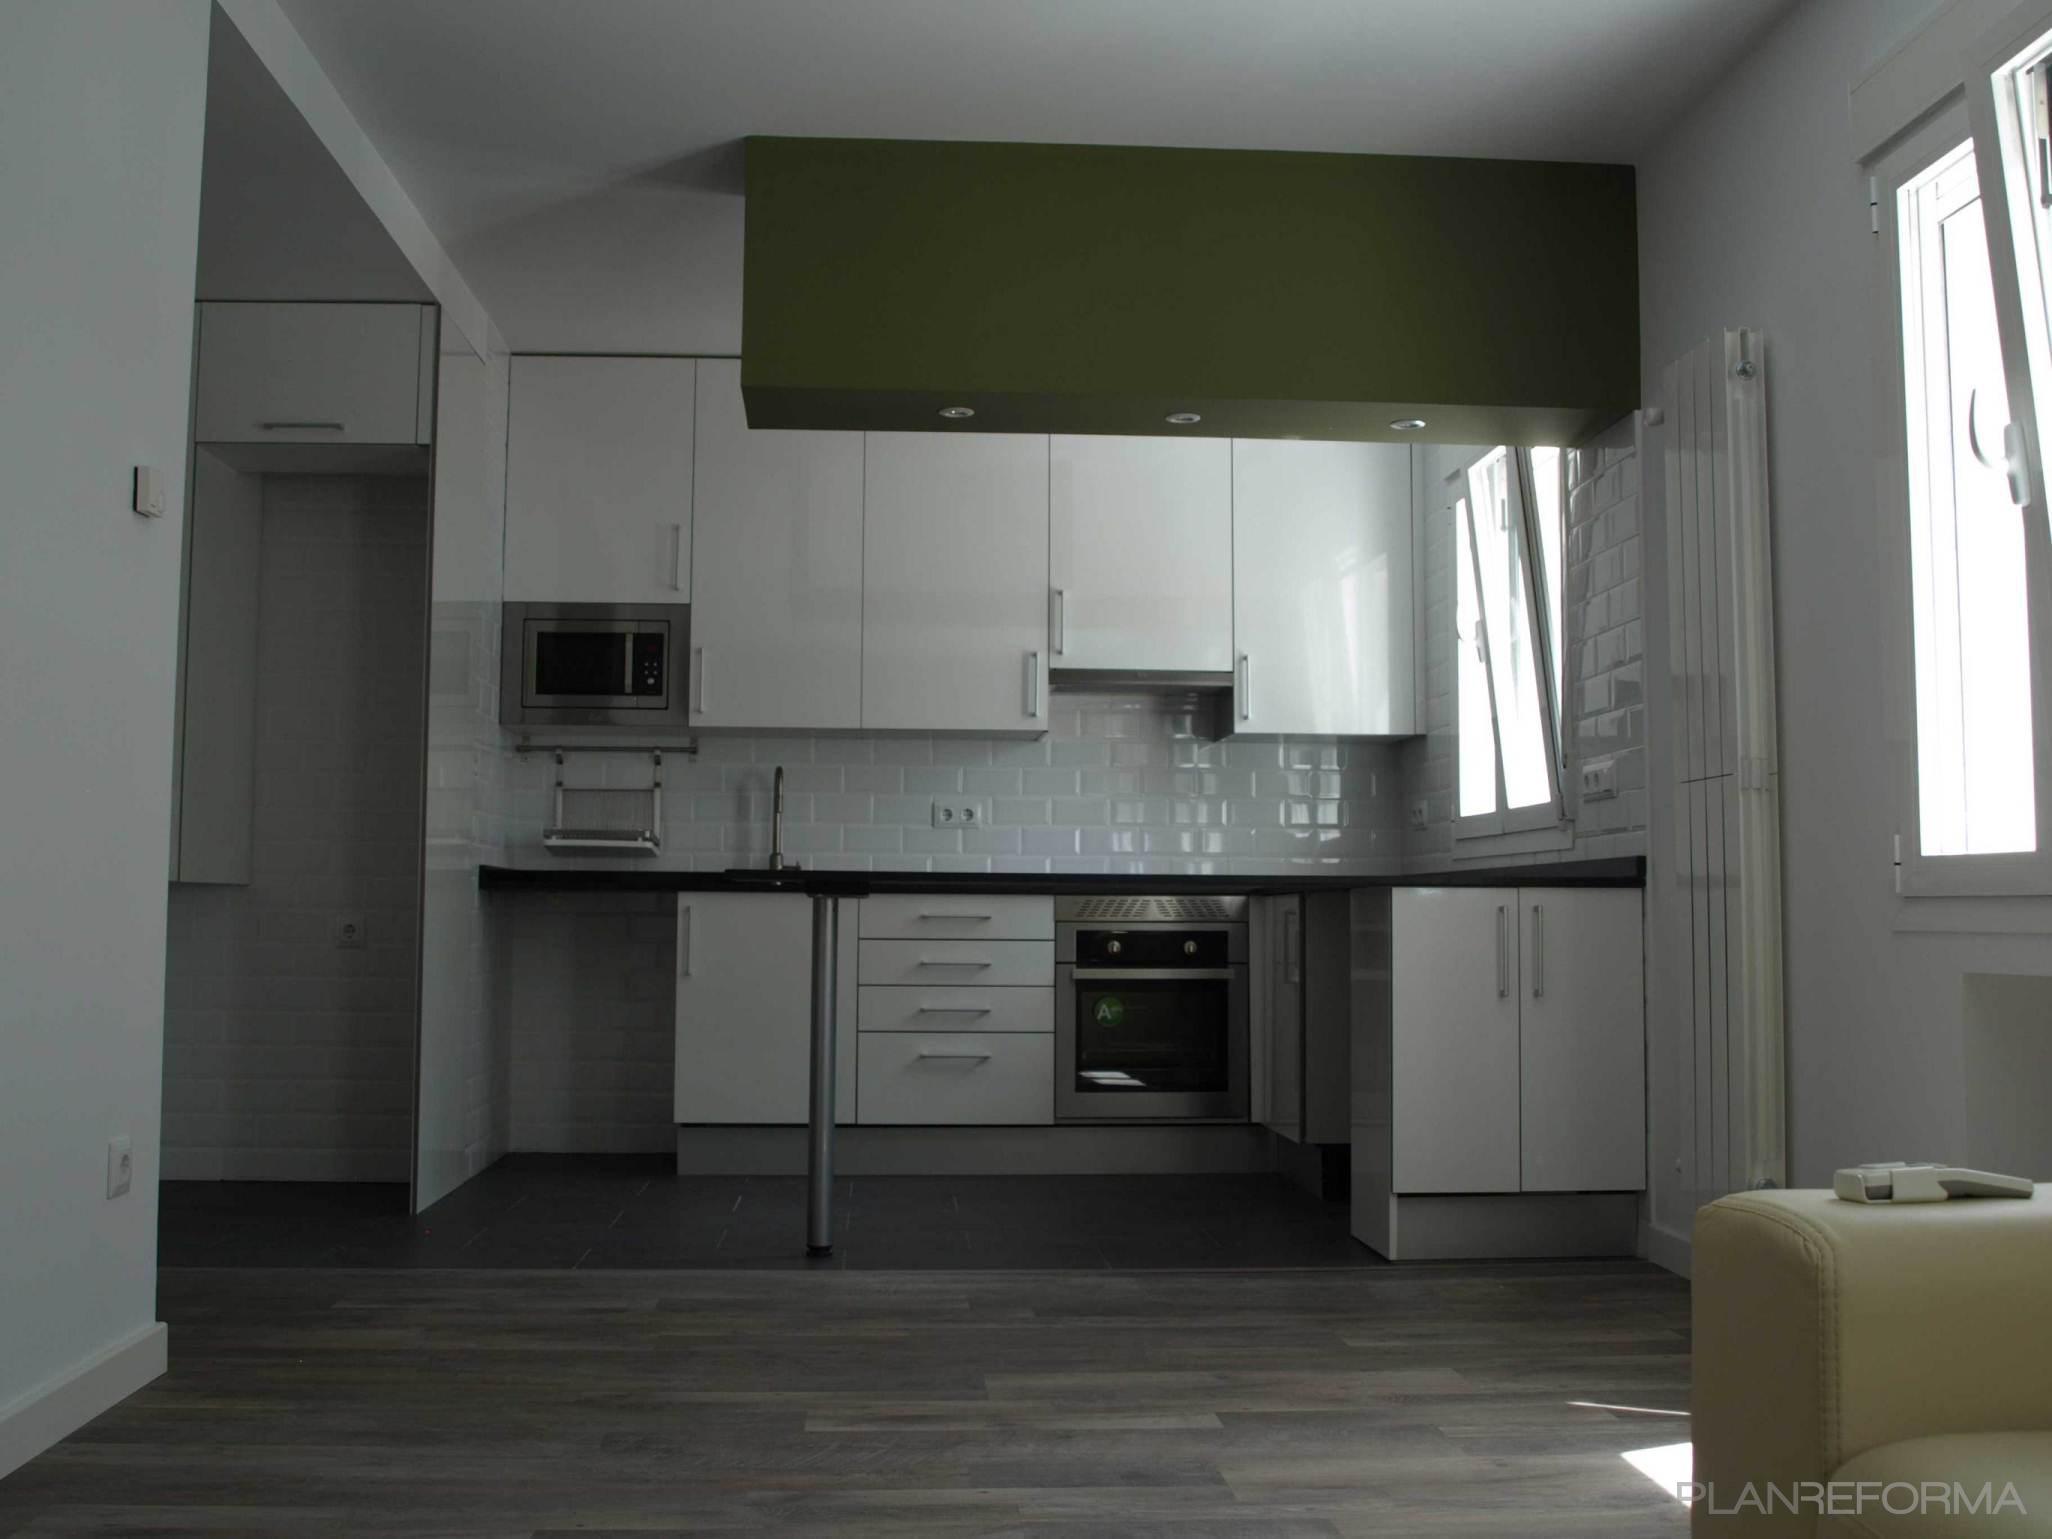 Cocina style contemporaneo color verde blanco gris for Go mobiliario contemporaneo